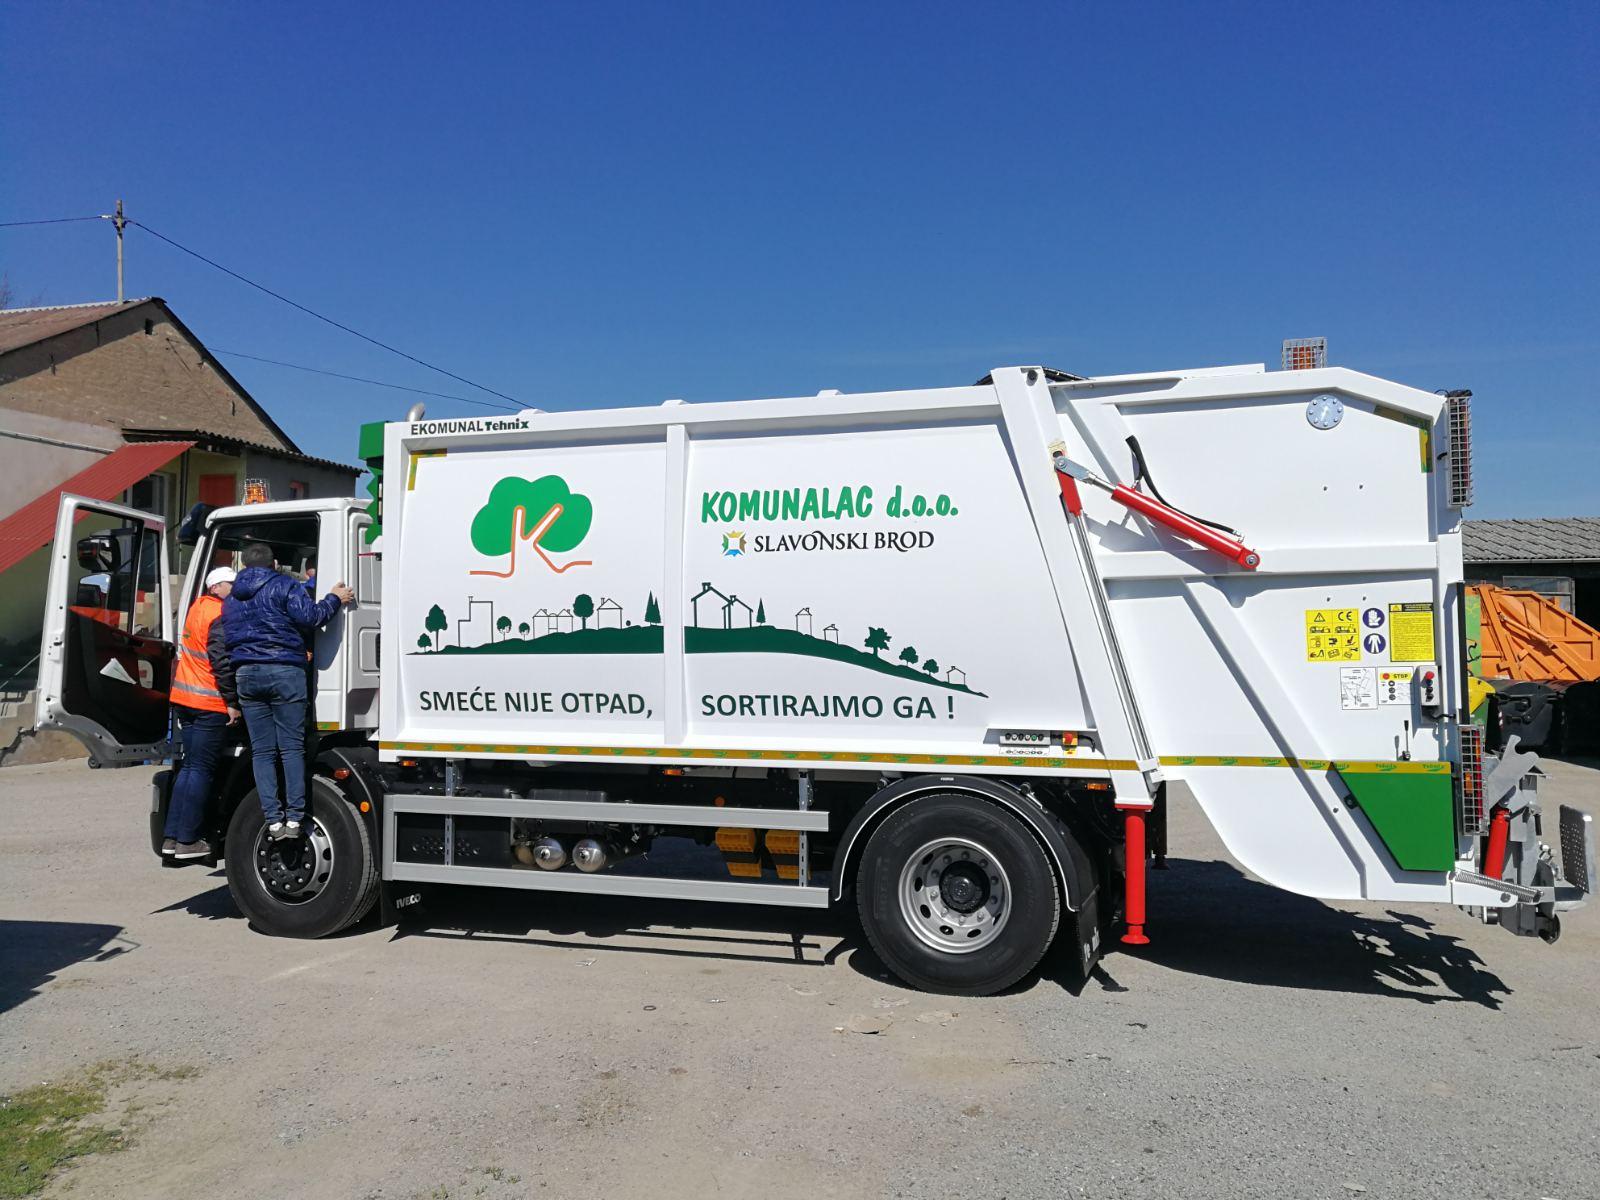 Delivery of utility vehicle in Slavonski Brod